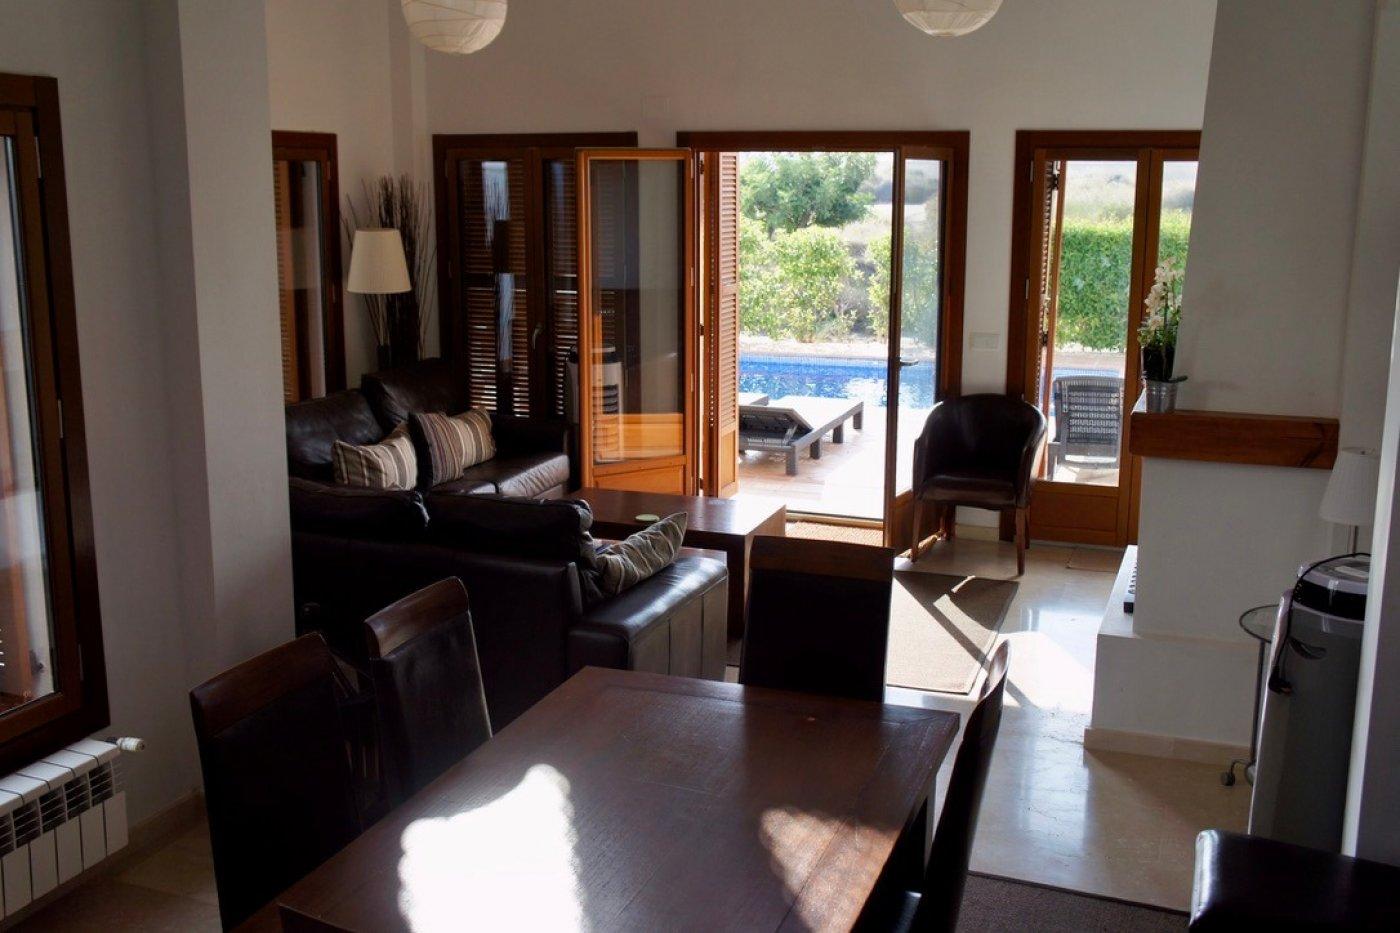 Galleribillede 5 of I første linie til golf banen, solrig 4 vær et plans villa med 2 badevær of egen pool